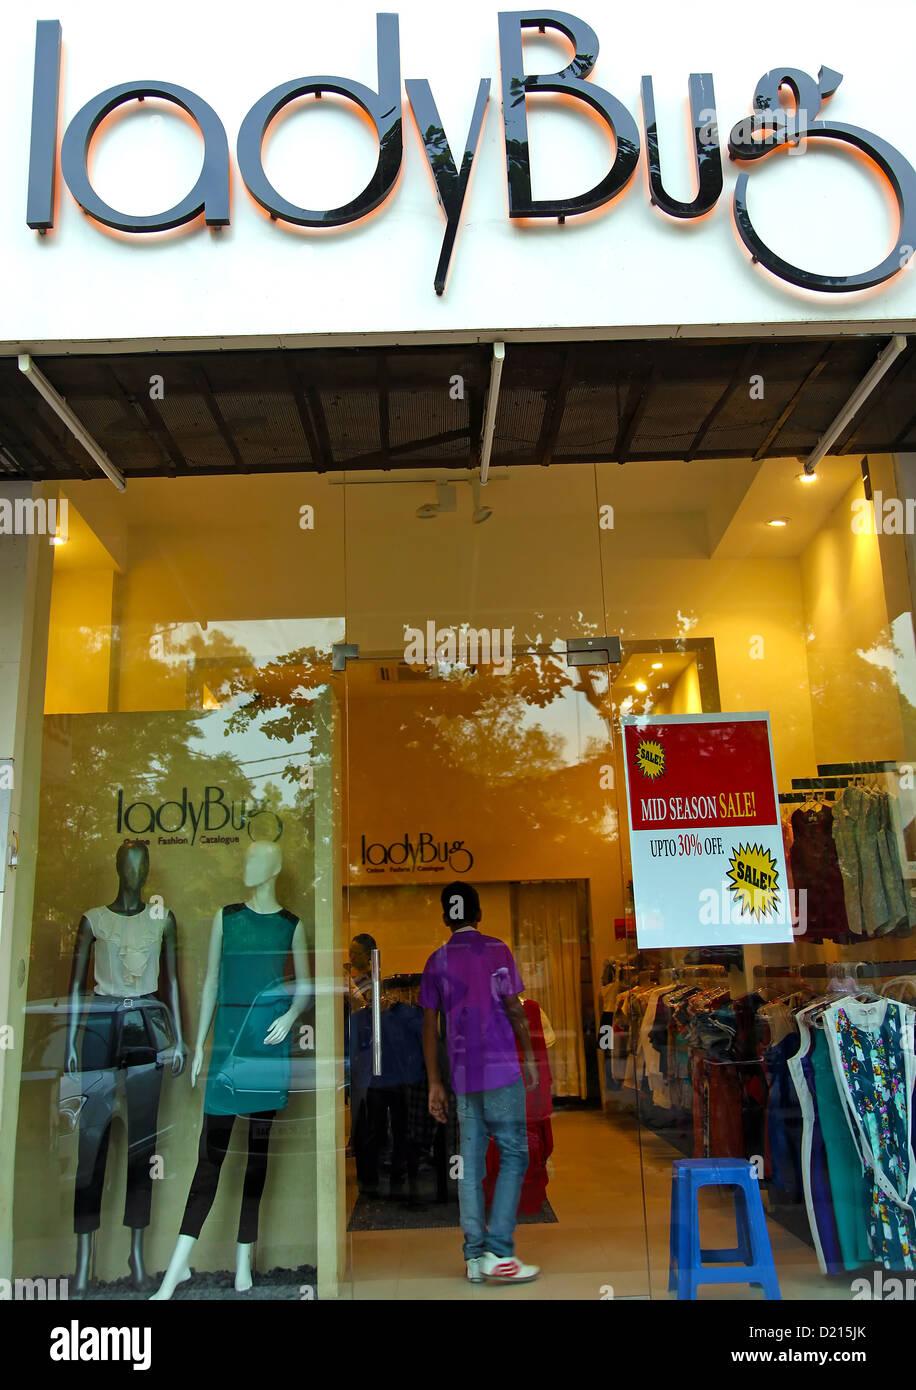 India Clothing Industry Stock Photos Amp India Clothing